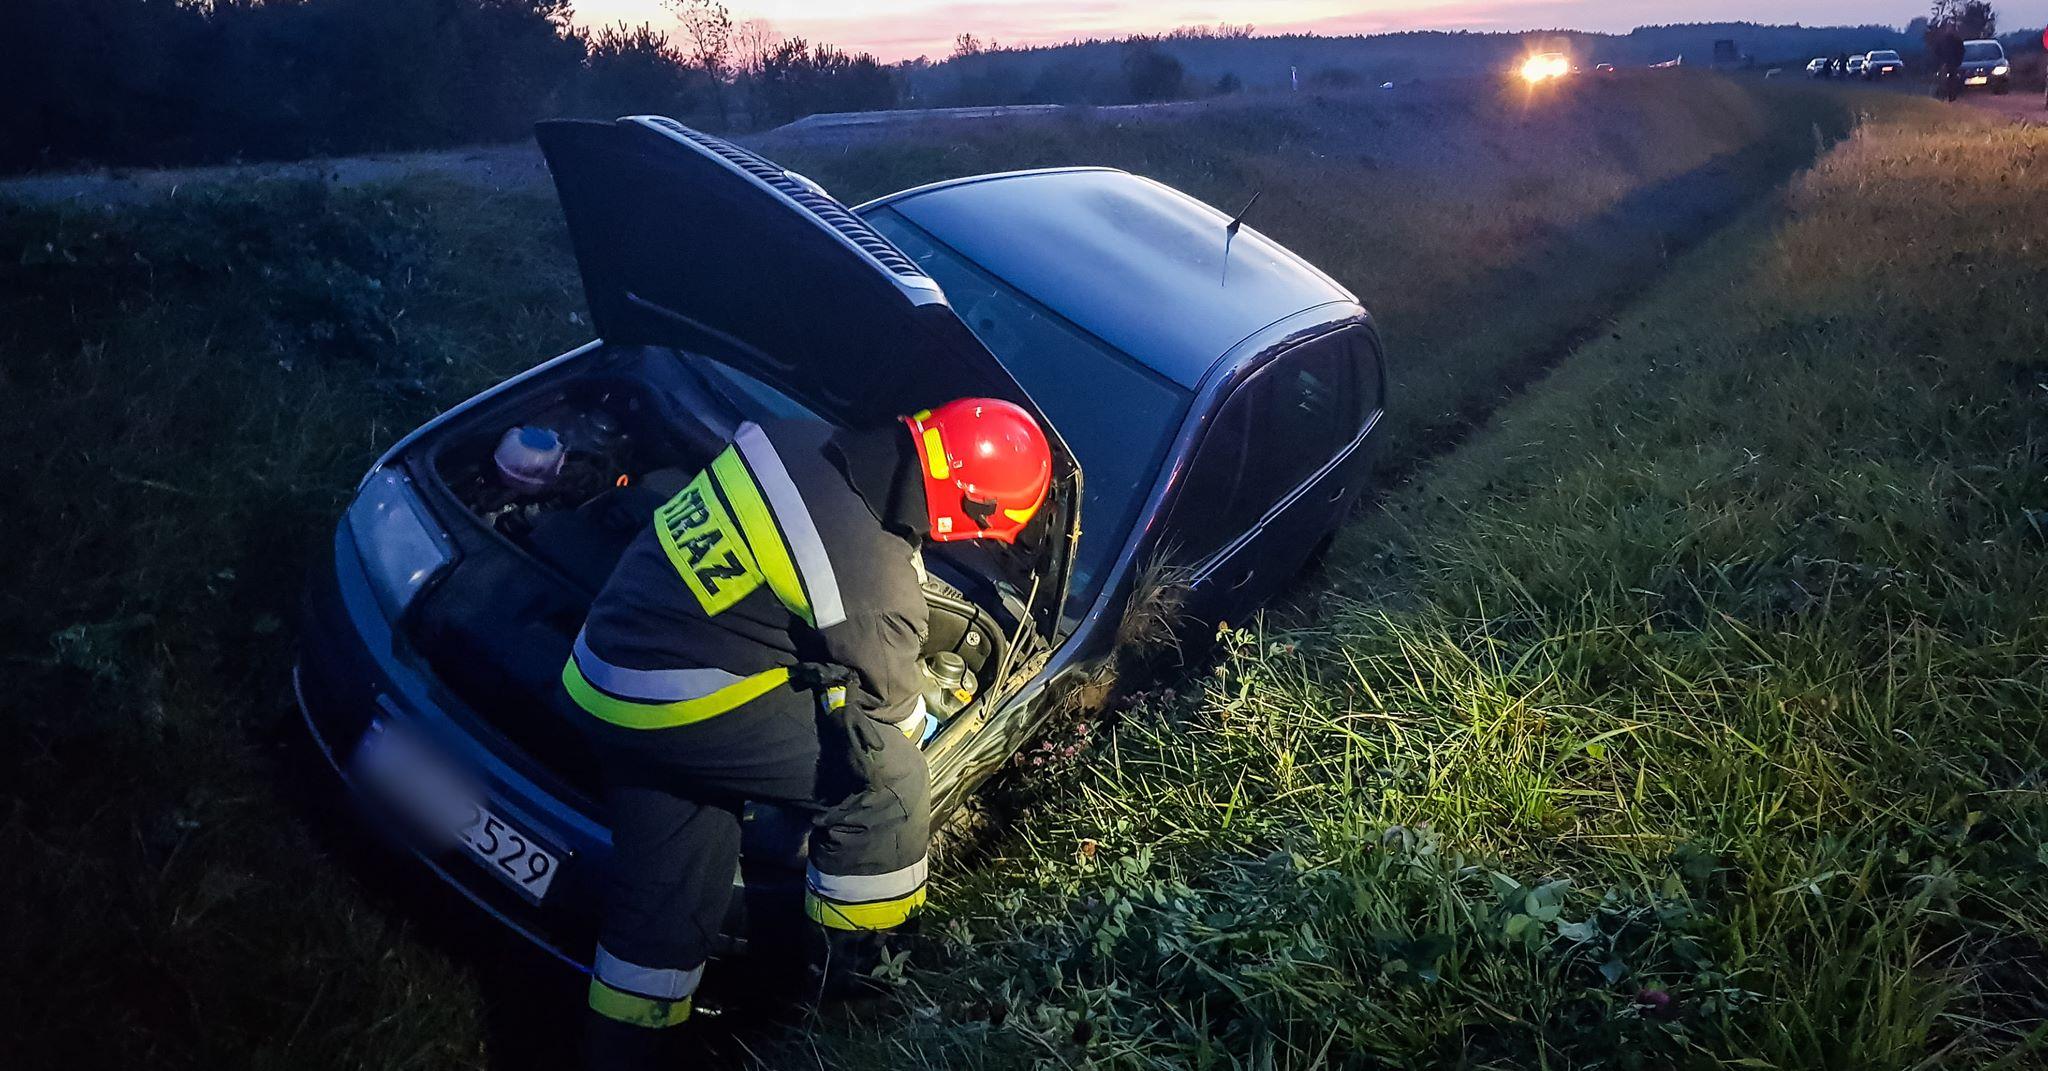 Stracił panowanie nad autem i wjechał do rowu [FOTO] - Zdjęcie główne